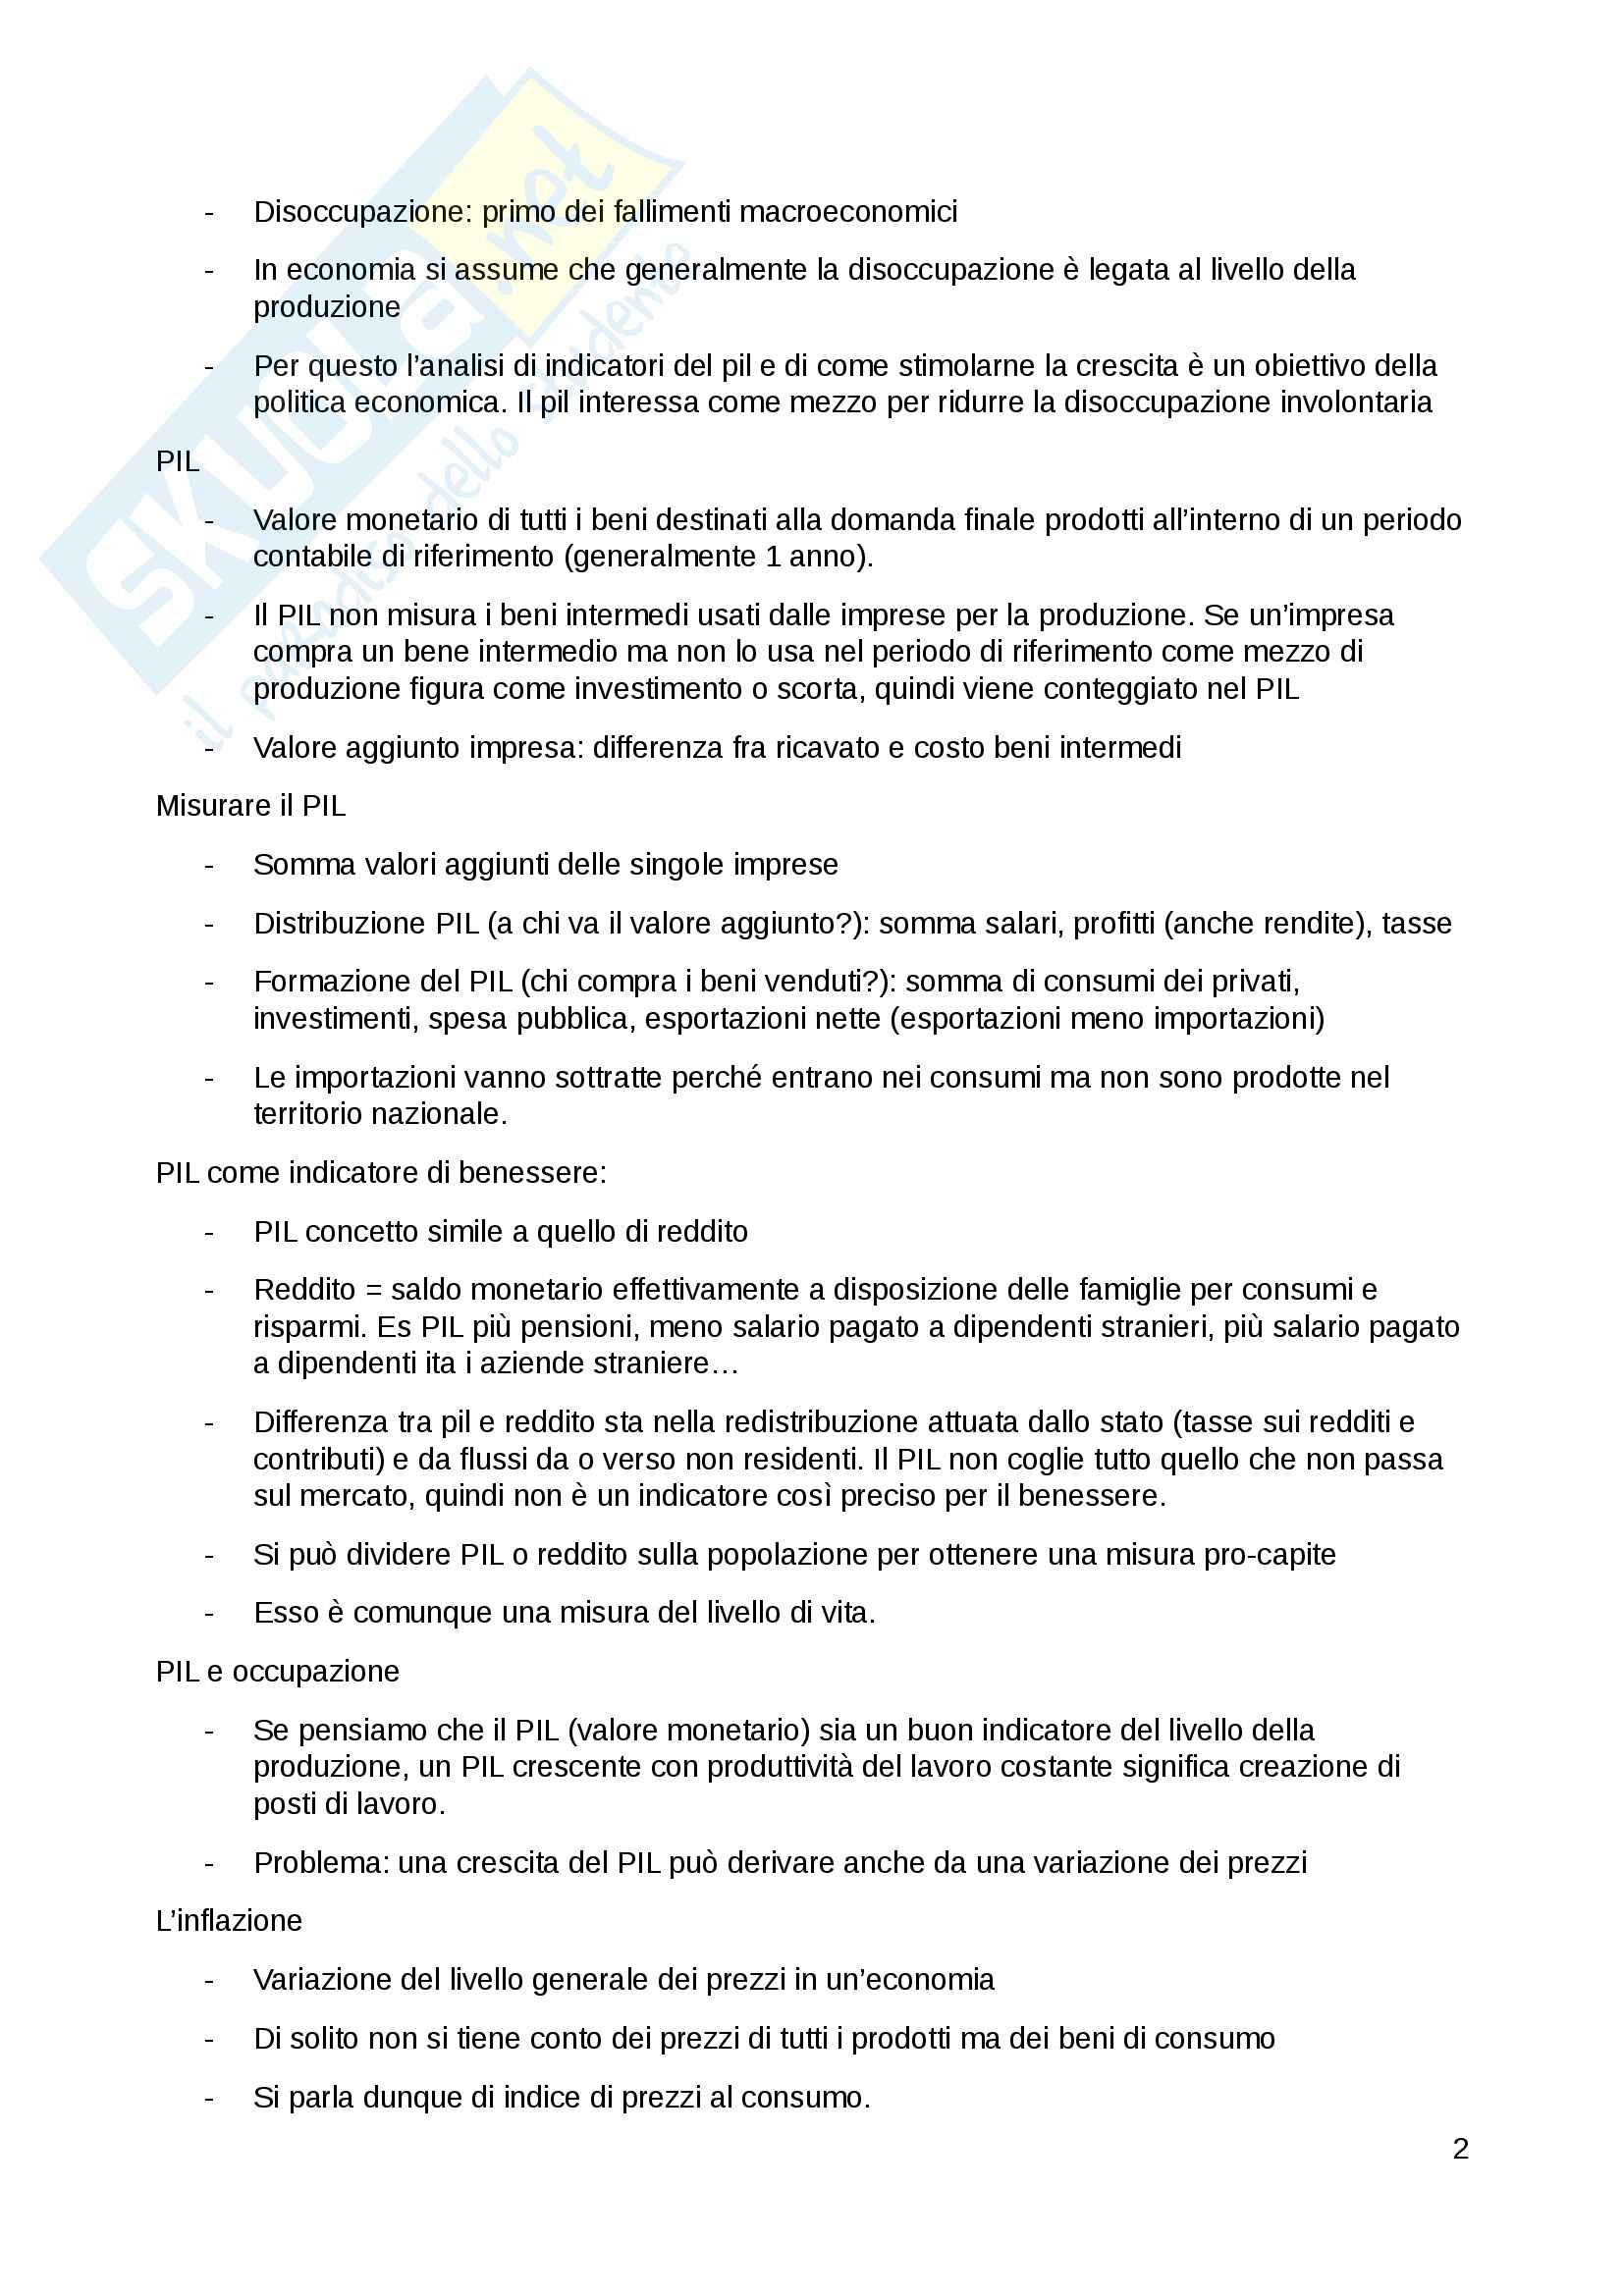 Appunti esercitazioni politica economica internazionale Pag. 2